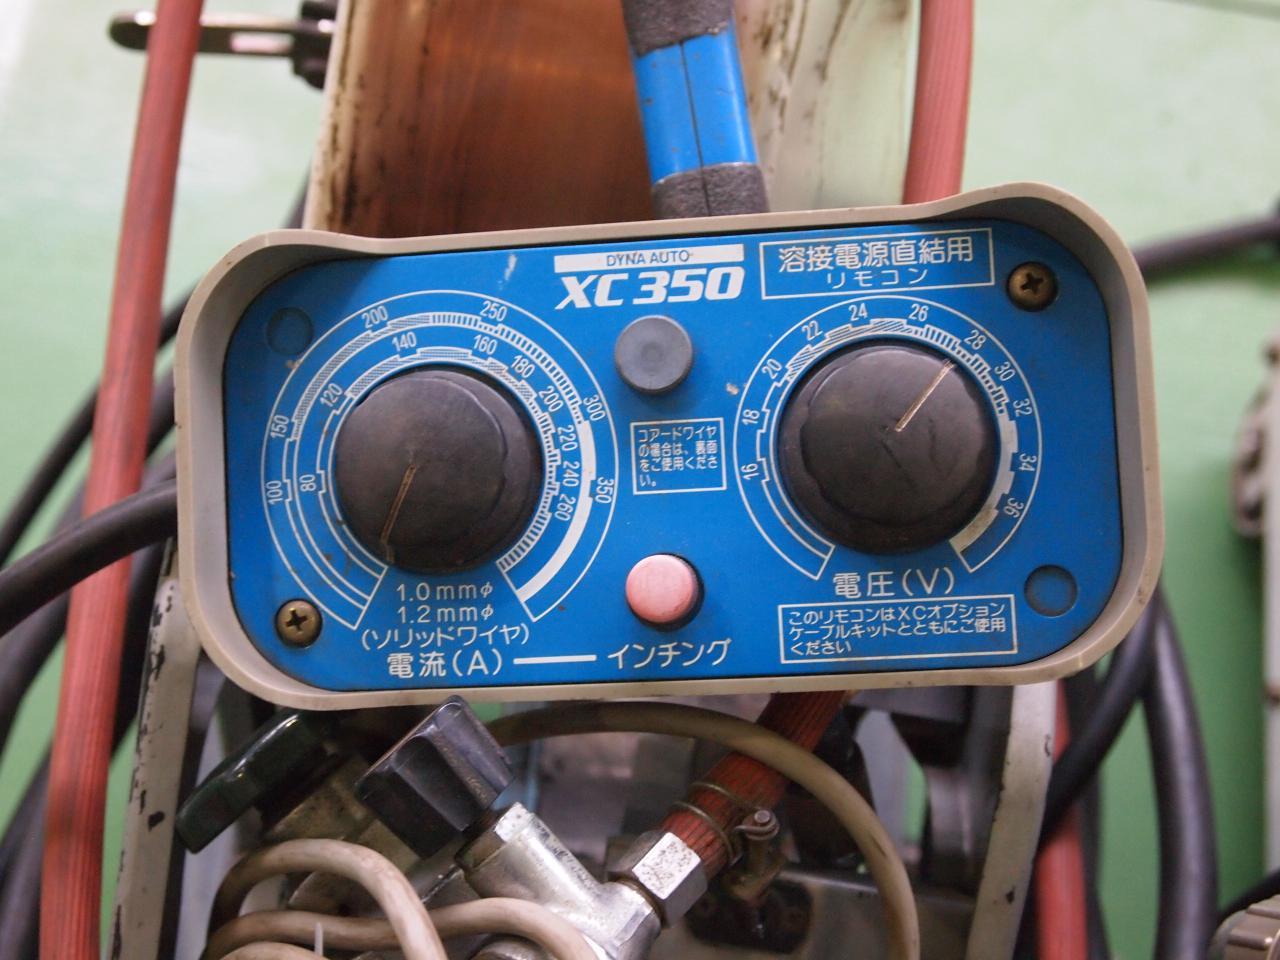 XC350のリモコン